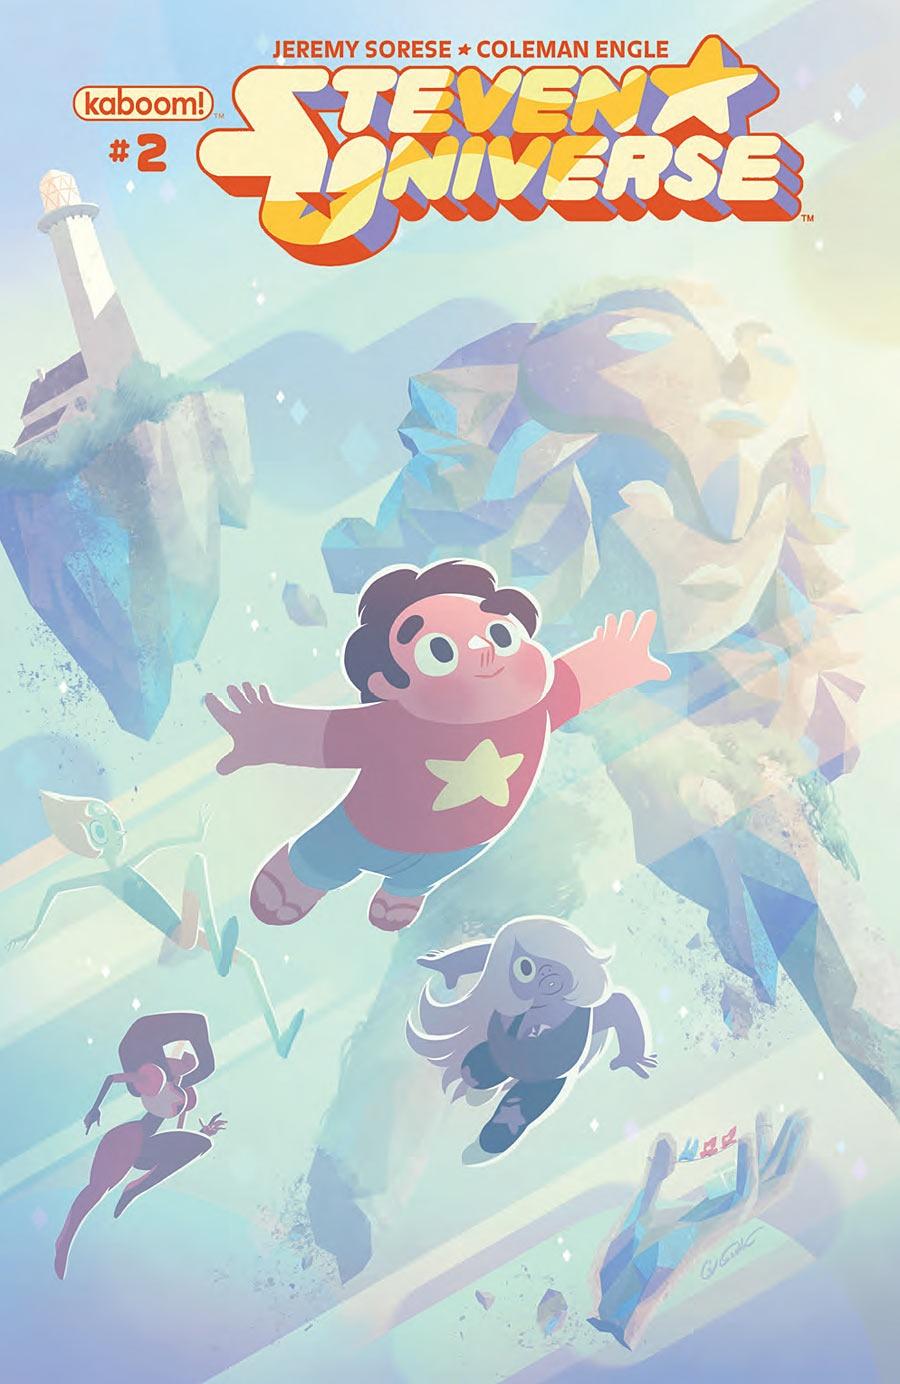 <eM>Steven Universe</eM> #2